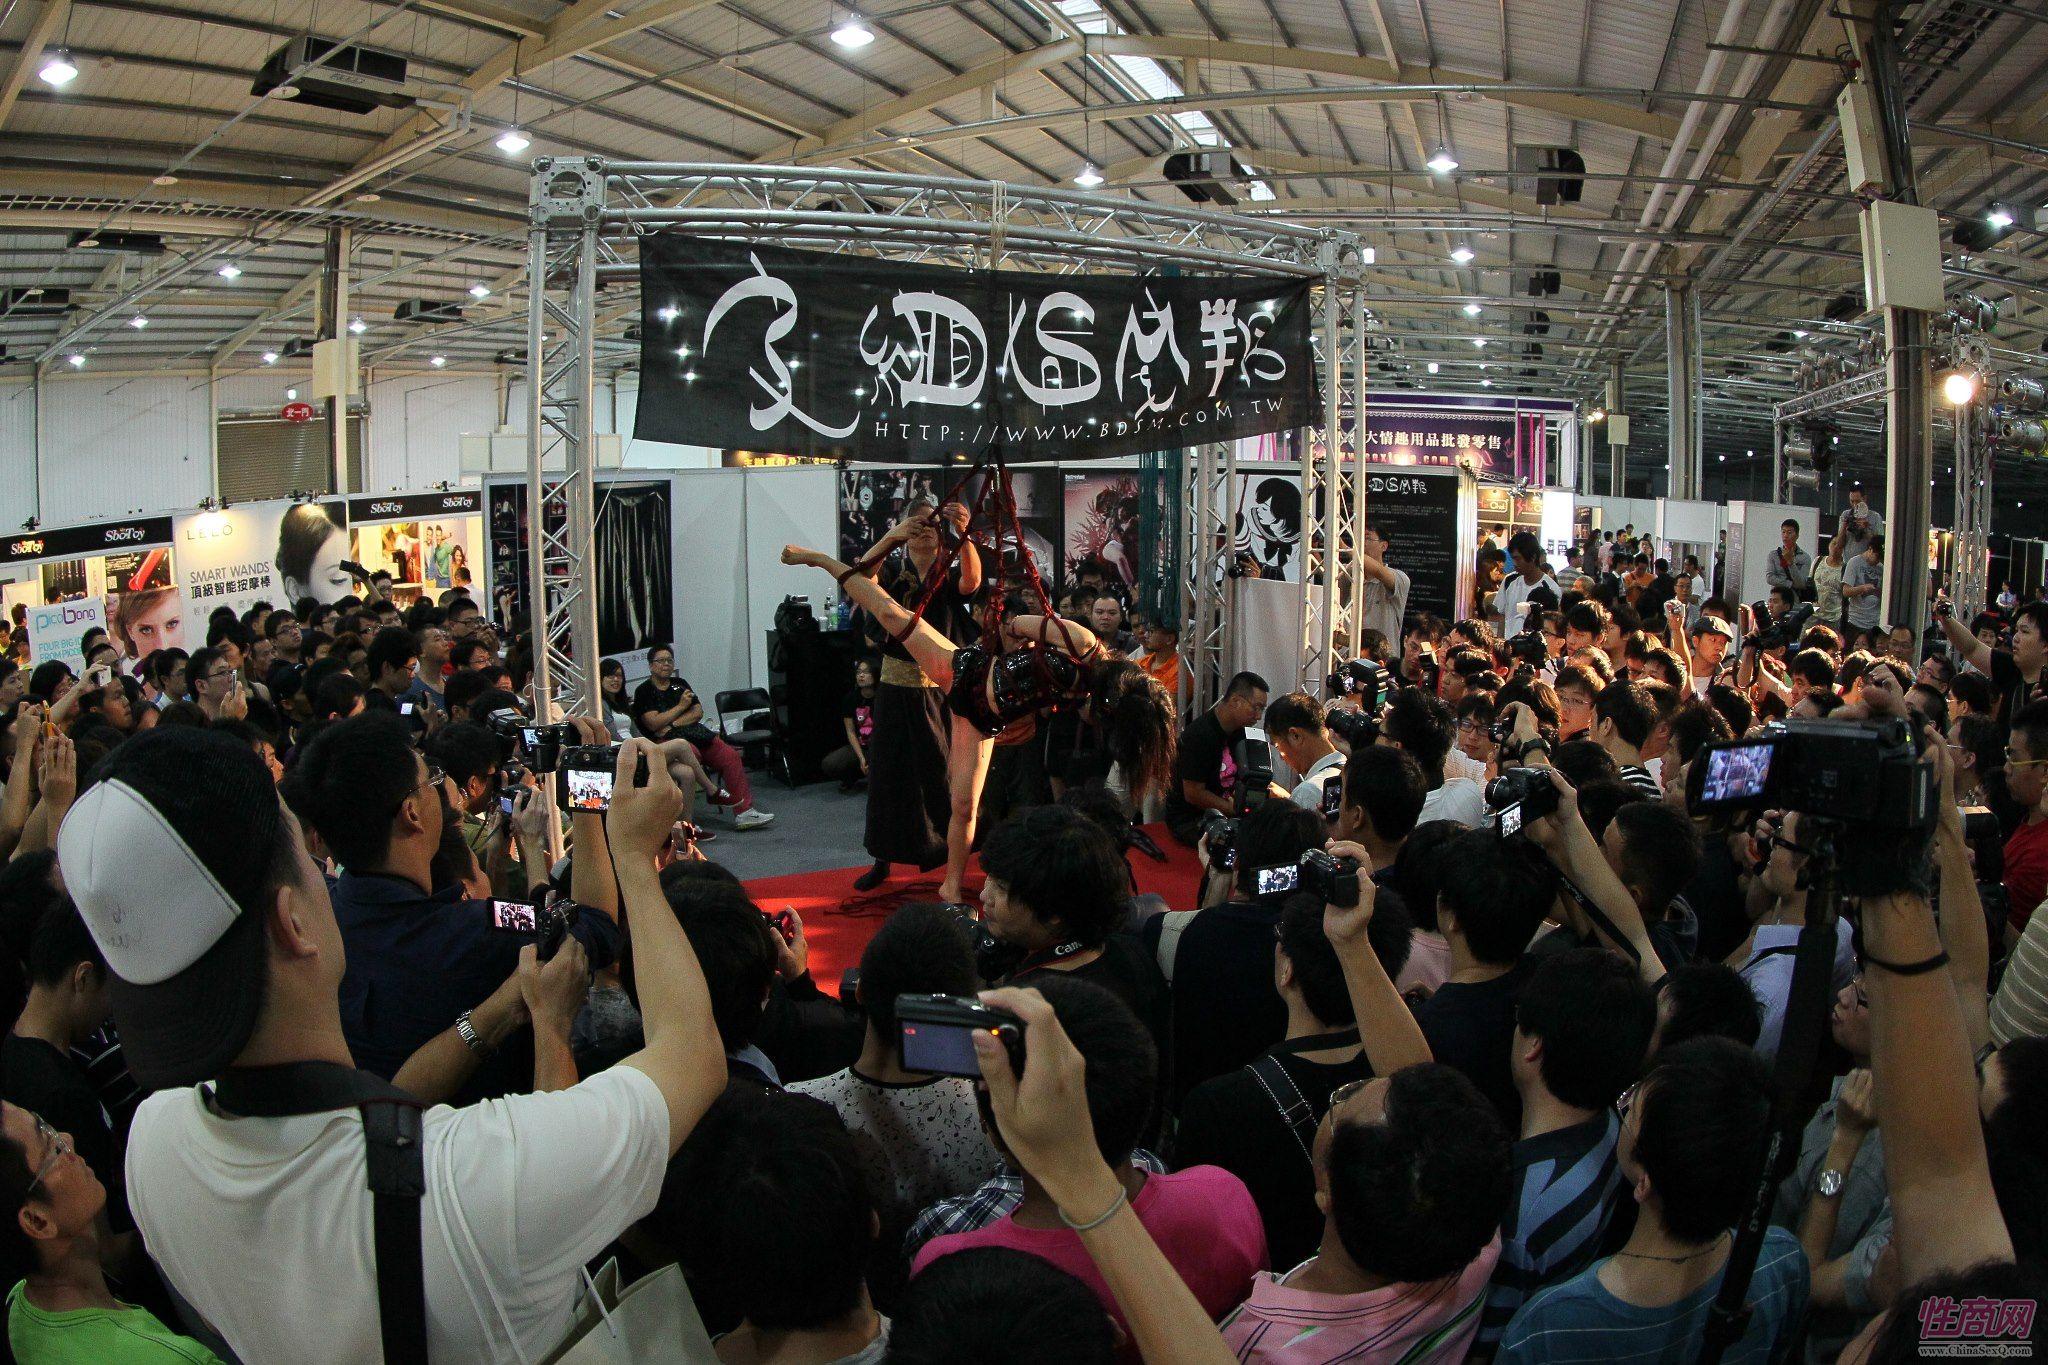 2012台湾亚洲成人博览澳洲热舞团体助阵图片17